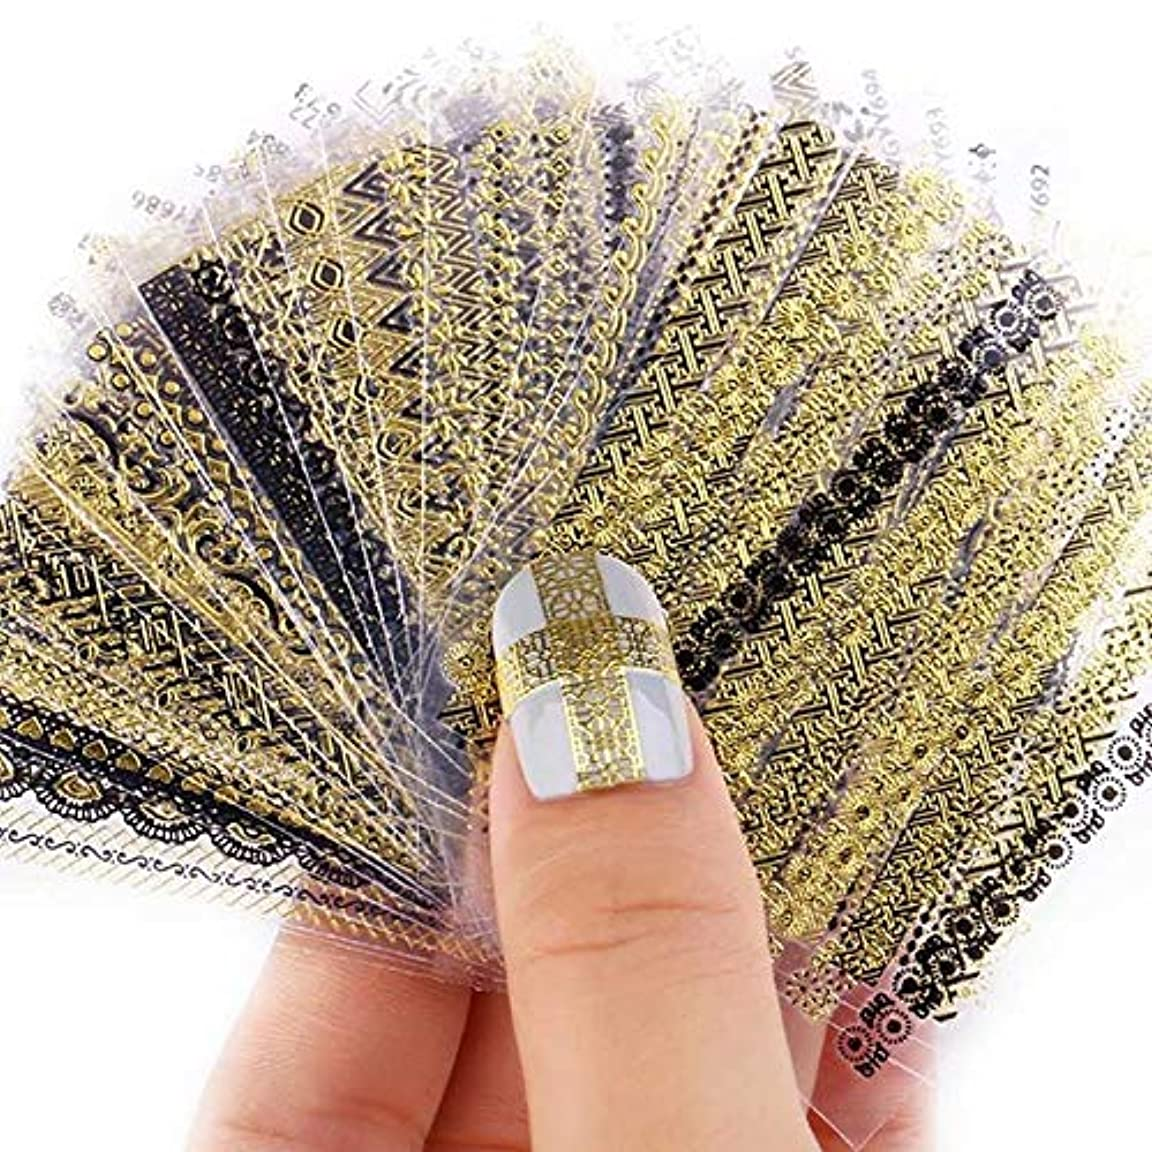 苦行プロット矢印Kingsie ネイルシール 24枚セット ネイルステッカー メタル風 貼るだけ ネイルデコ マニキュア ネイルアート デコレーション 子供 (ゴールド+ブラック)